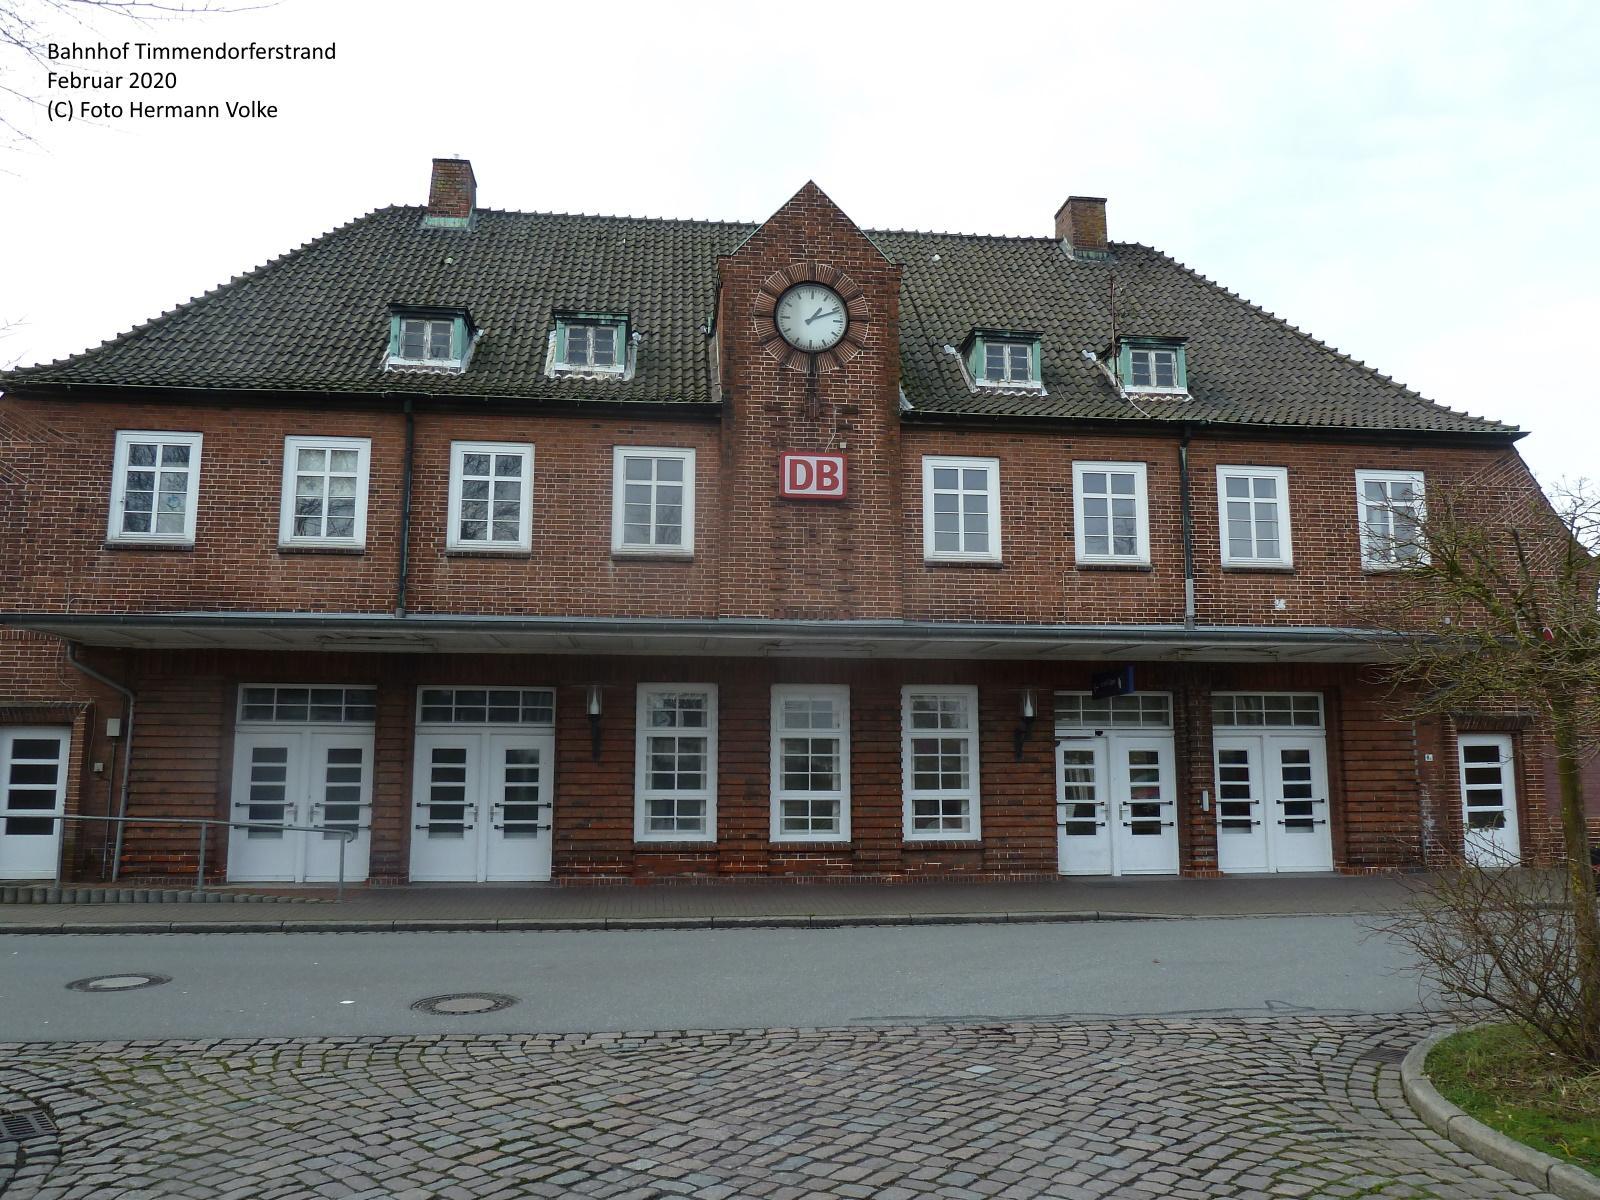 Bahnhof Timmendorferstrand